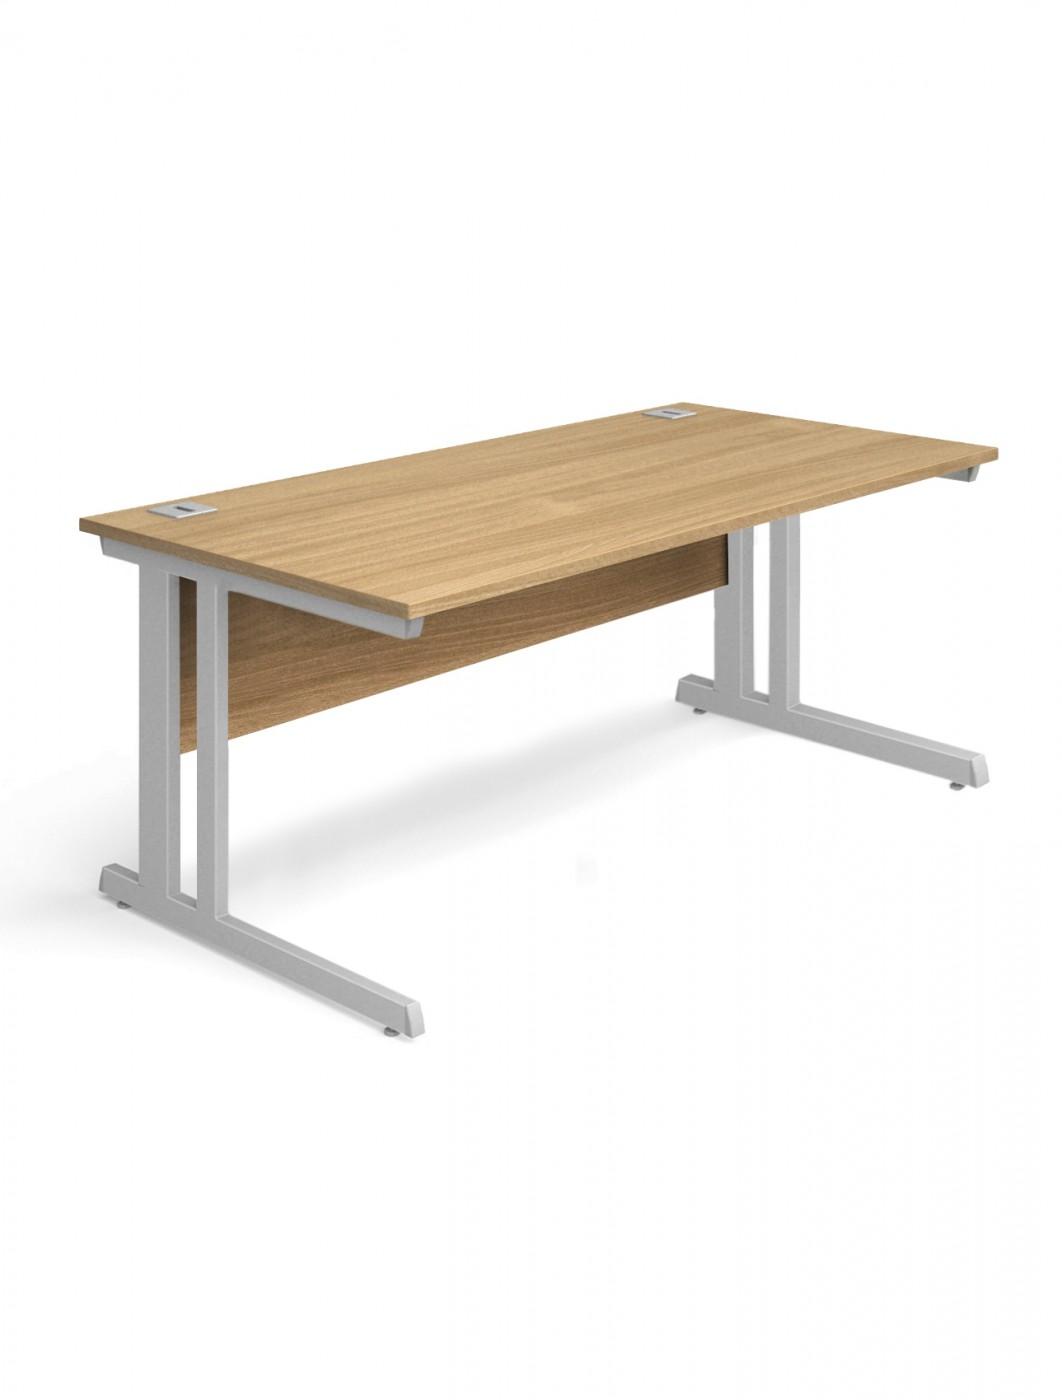 Oak office desk 1400x800mm aspire desk et sd 1400 ok 121 office furniture - Oak office desk ...